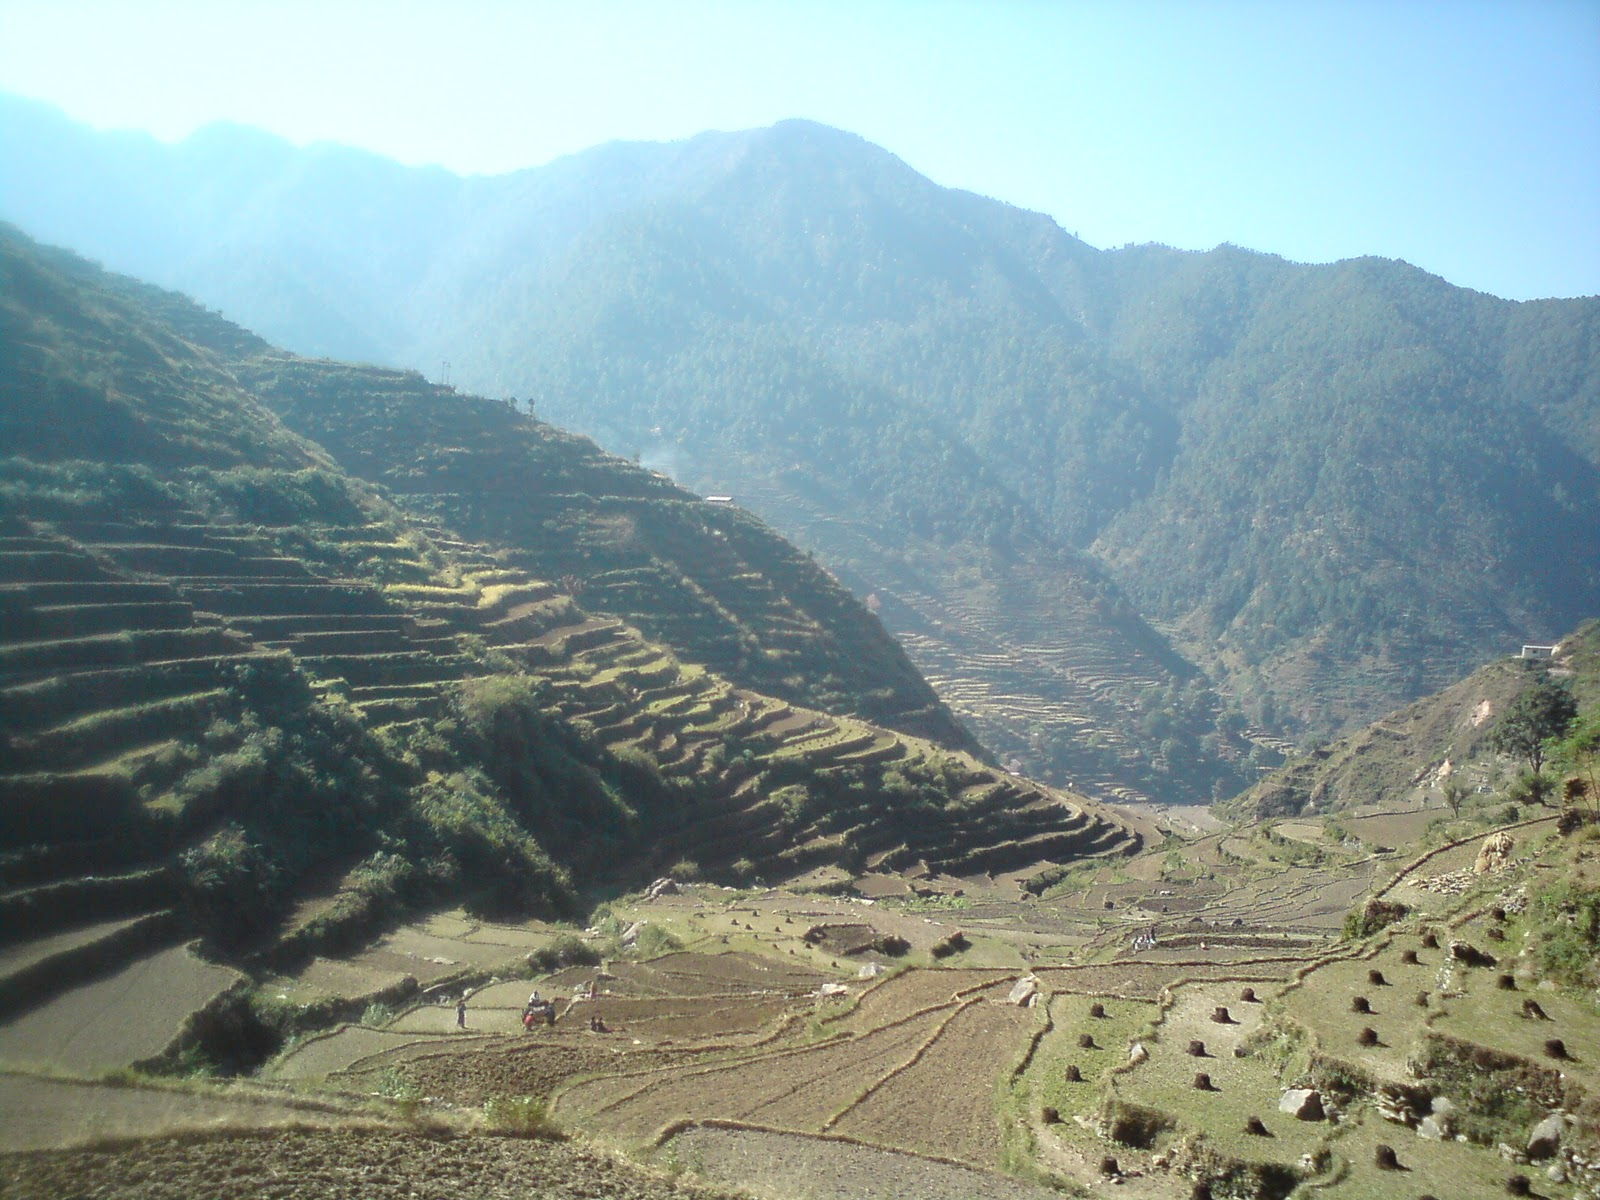 pahadi yatra ka varnan Essay on parvatiya sthal ki yatra - 124072 पर्वतीय स्थल की यात्रा शिमला , जो कि भारत के हिमाचल प्रदेश की राजधानी है , एक प्रसिद्ध पर्वतीय स्थल है। गत वर्ष मुझे शिमला घूमने का .